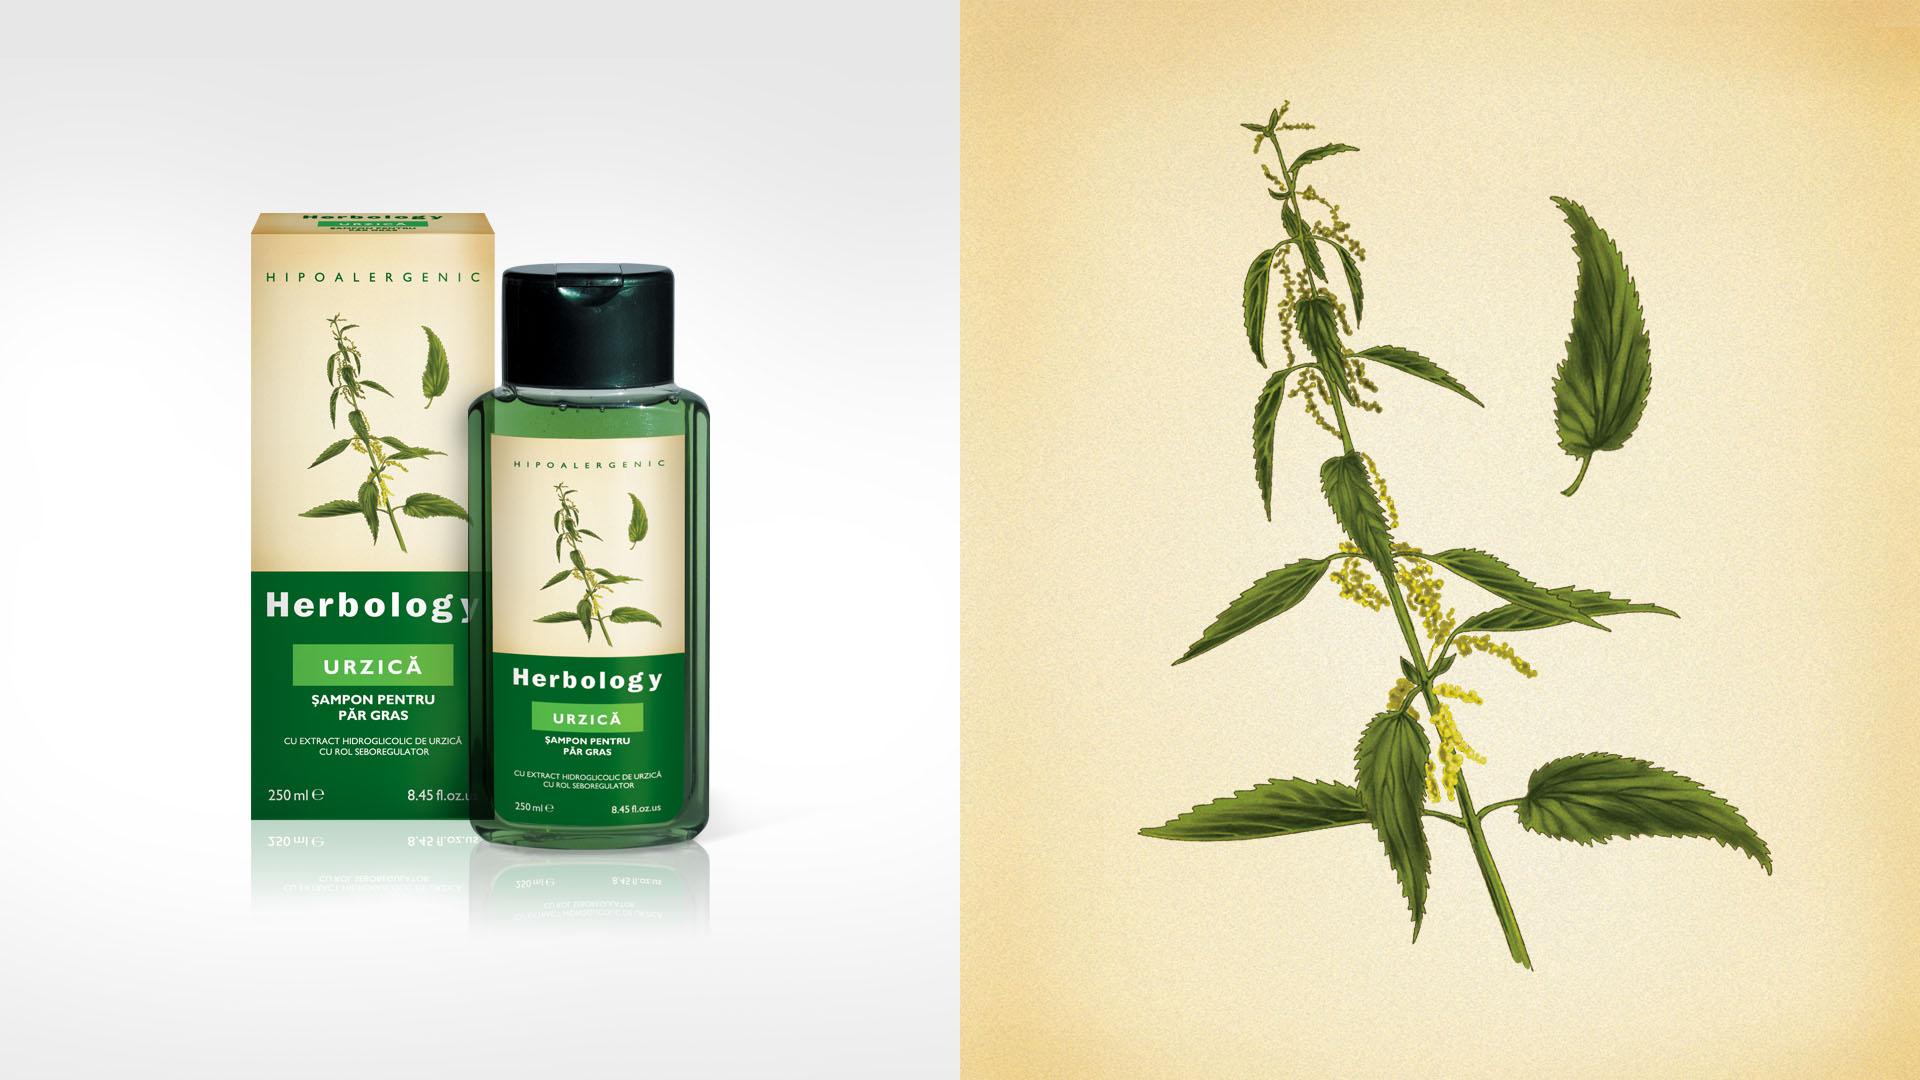 herbology_urzica